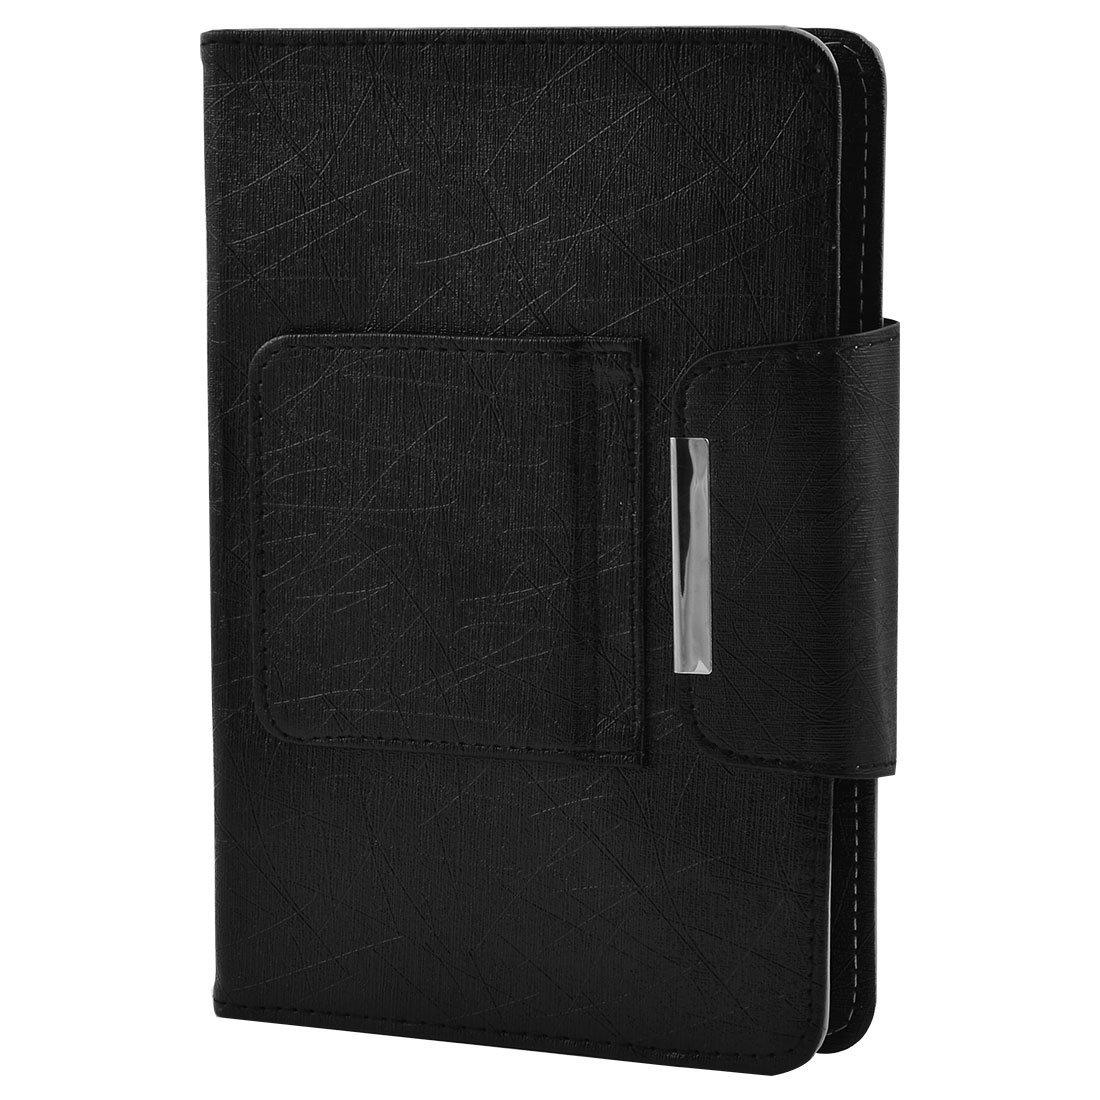 Amazon.com: eDealMax PC portátil de Cuero de la PU del Bluetooth desmontable teclado inalámbrico Negro de la cubierta DE 7 pulgadas 8 pulgadas Tablet: ...